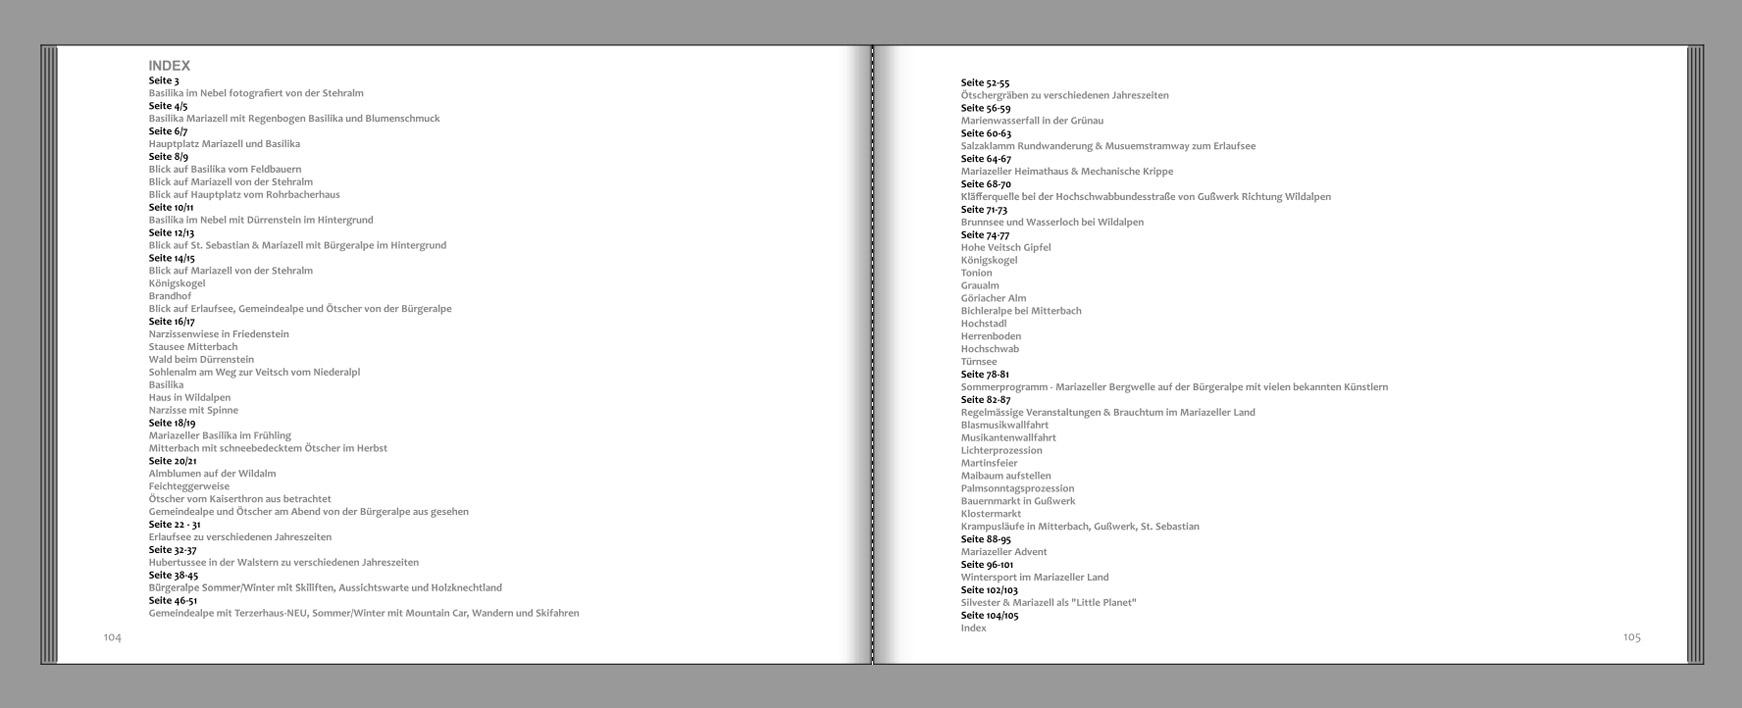 Mariazellerland-Fotobuch-Index